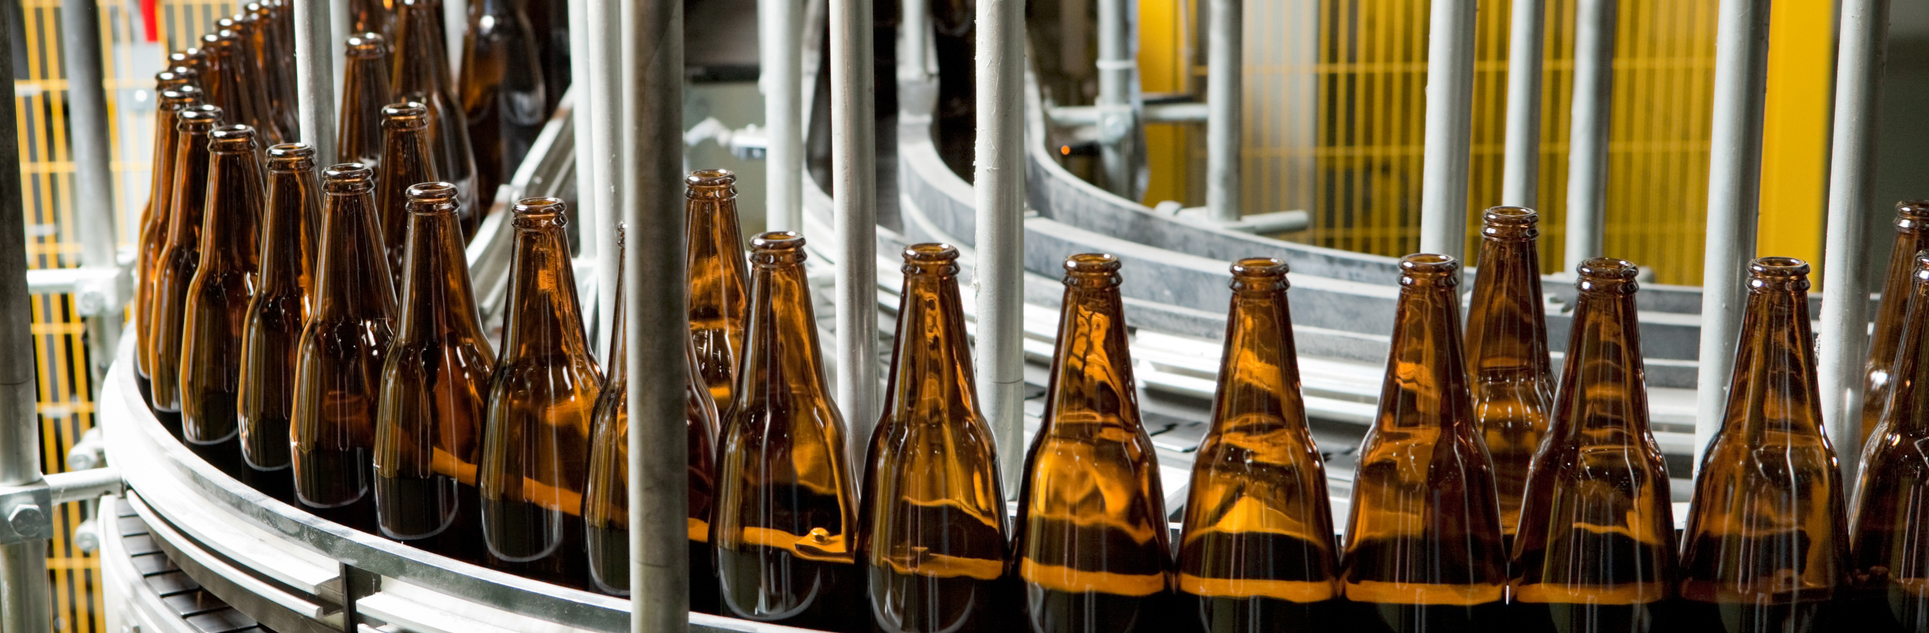 beer bottle manufacturing line